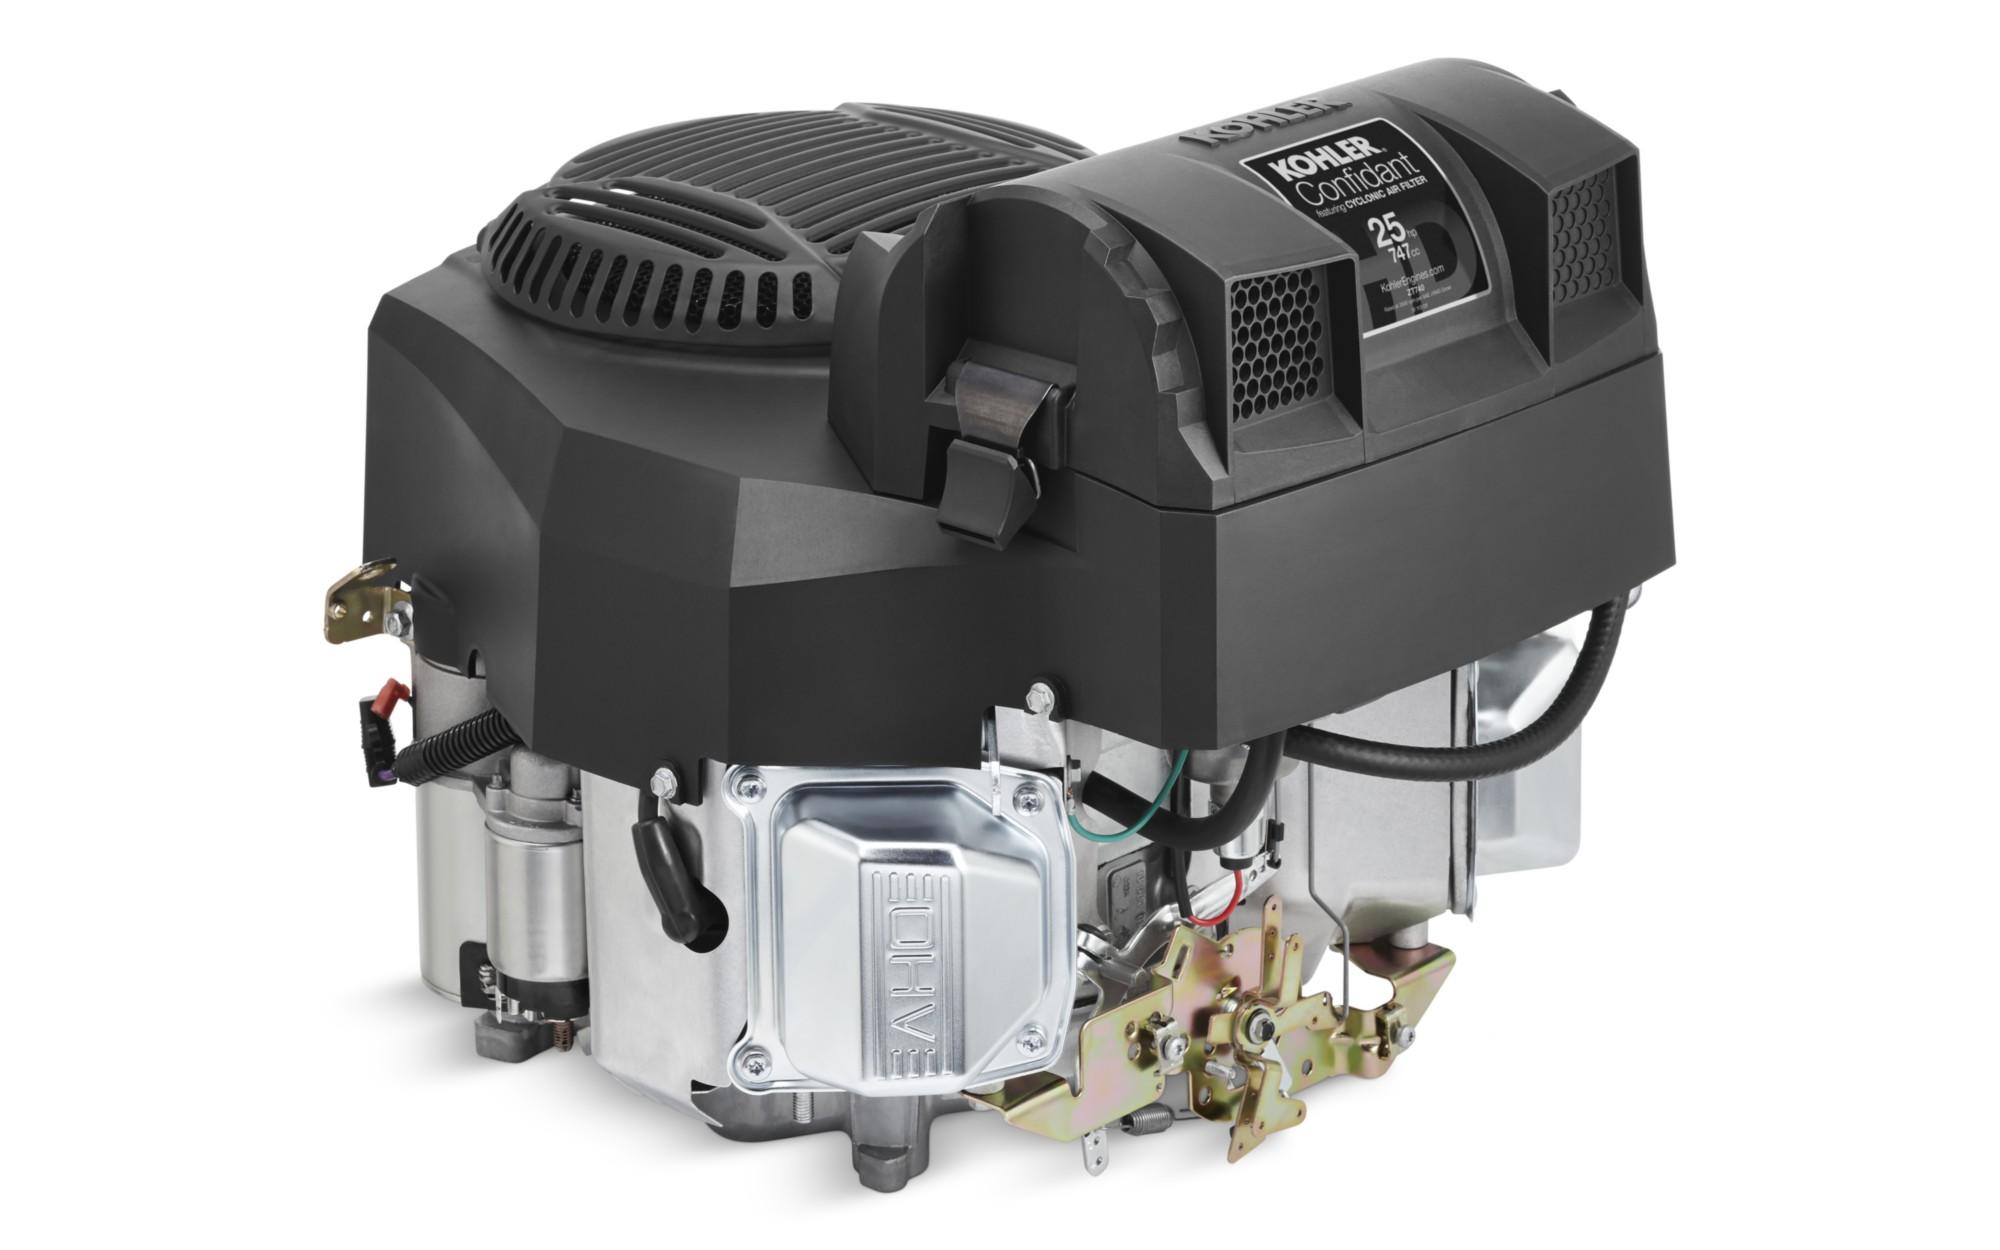 Zt740 Confidant Kohler 23 Hp Engine Parts Diagram